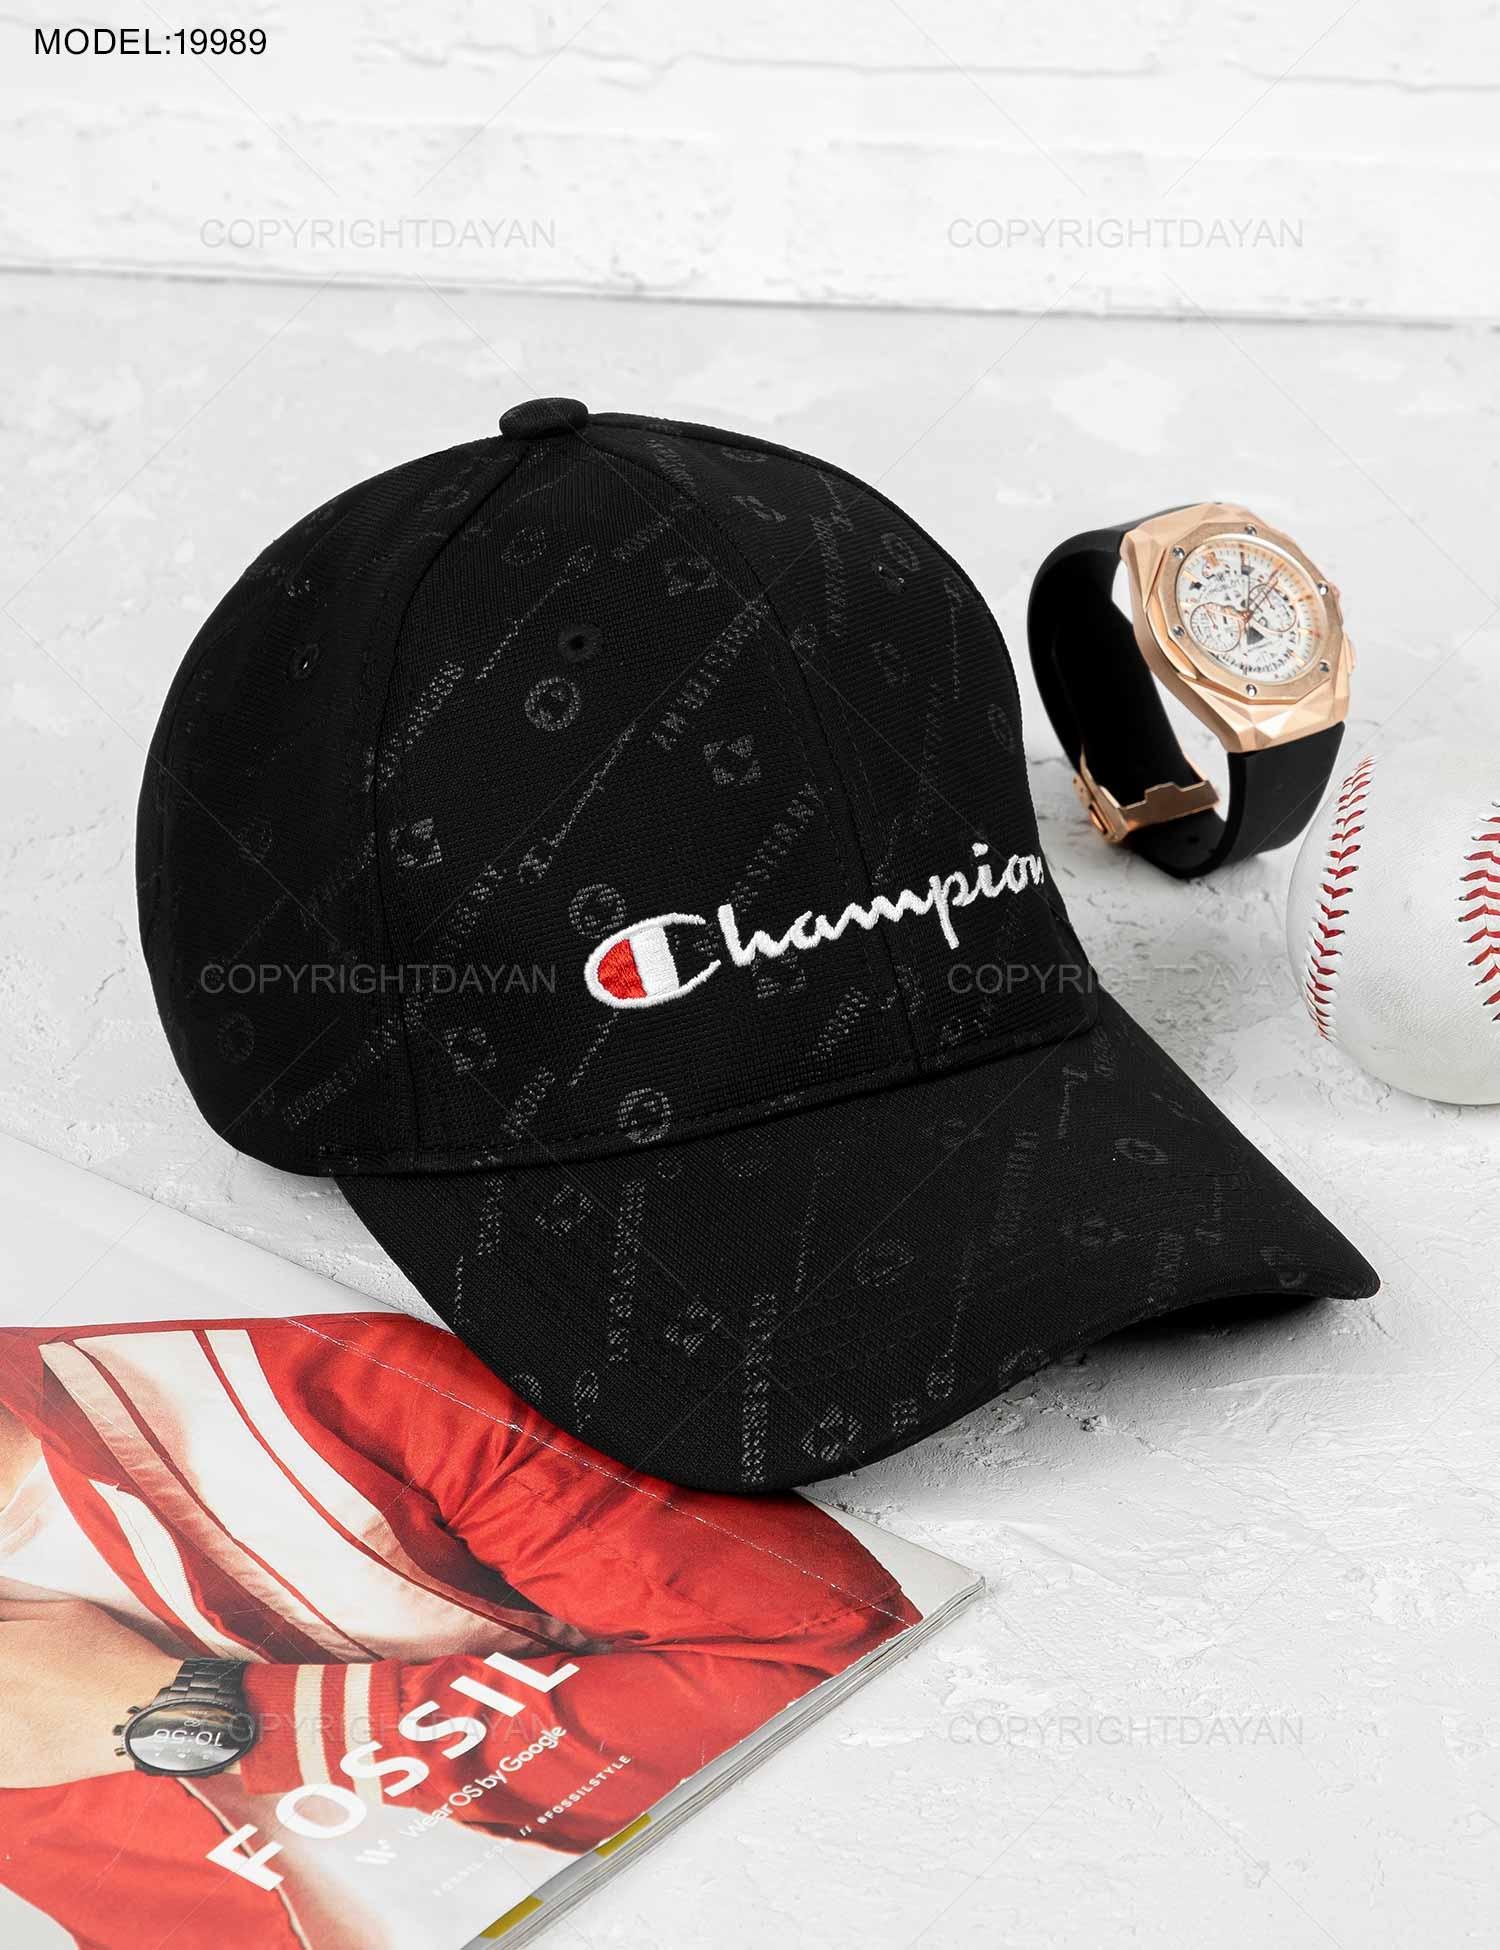 کلاه کپ Champion مدل 19989